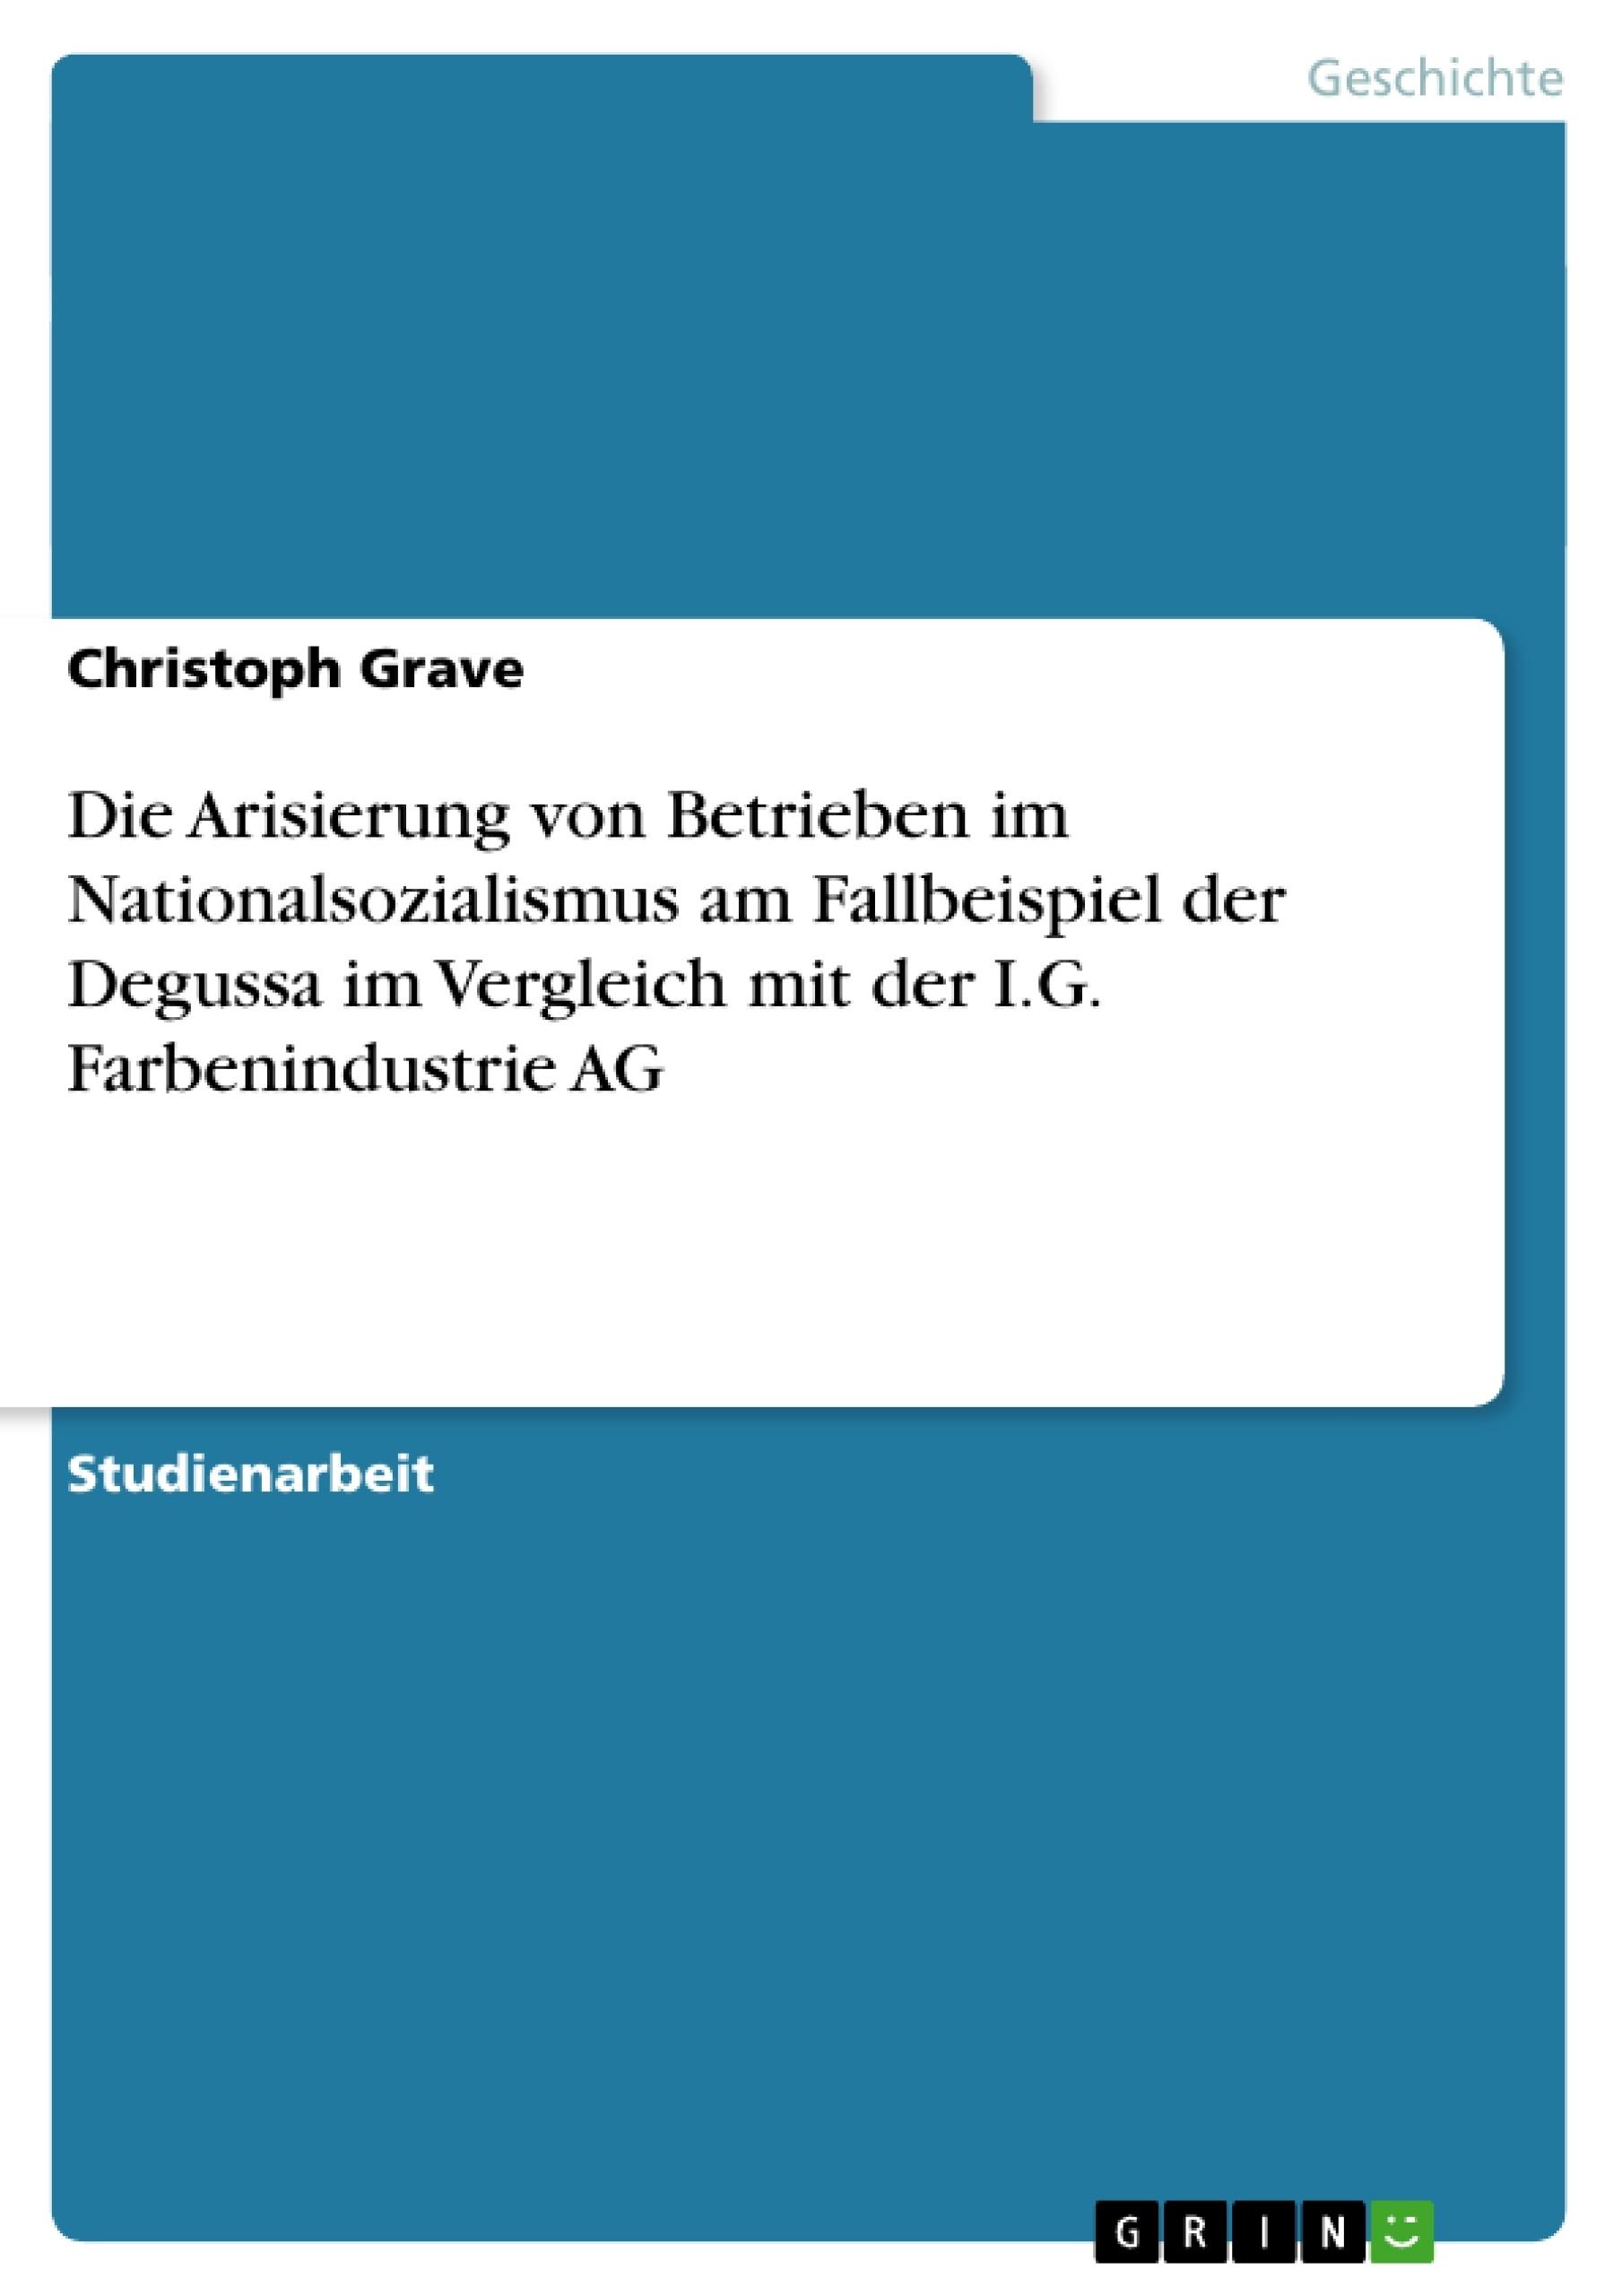 Titel: Die Arisierung von Betrieben im Nationalsozialismus am Fallbeispiel der Degussa im Vergleich mit der I.G. Farbenindustrie AG